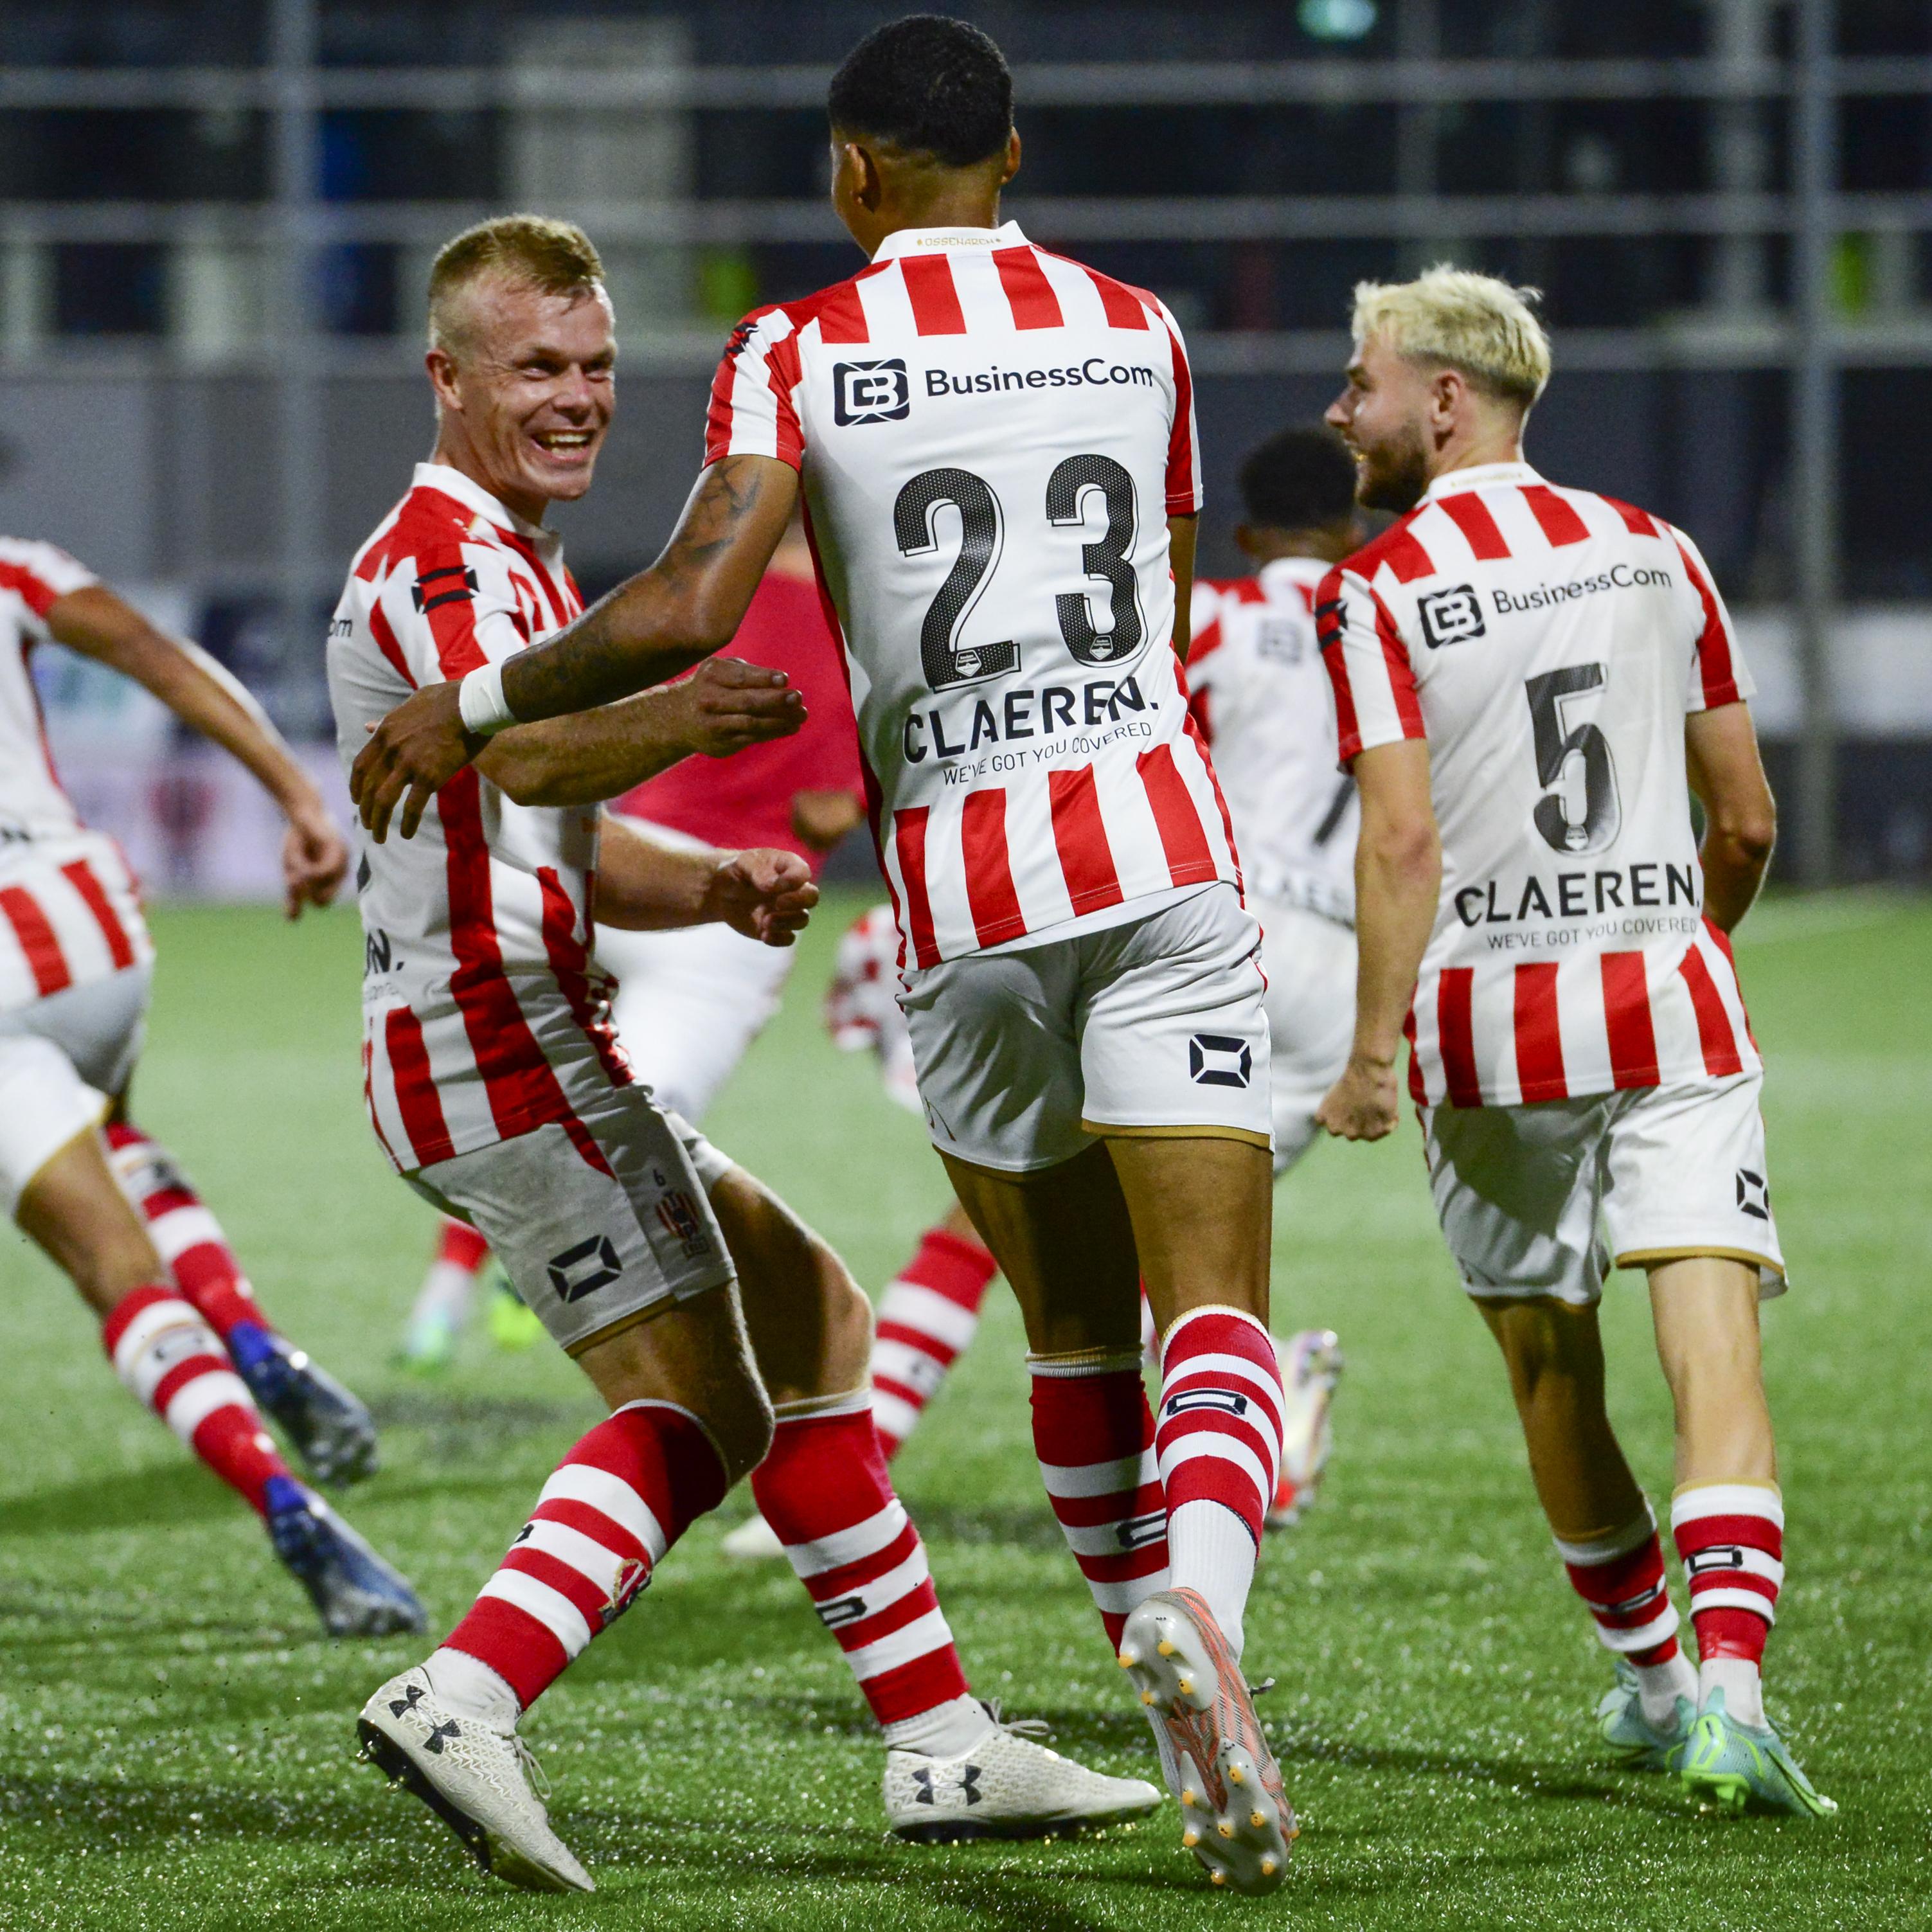 Voorbeschouwing TOP Oss – FC Emmen